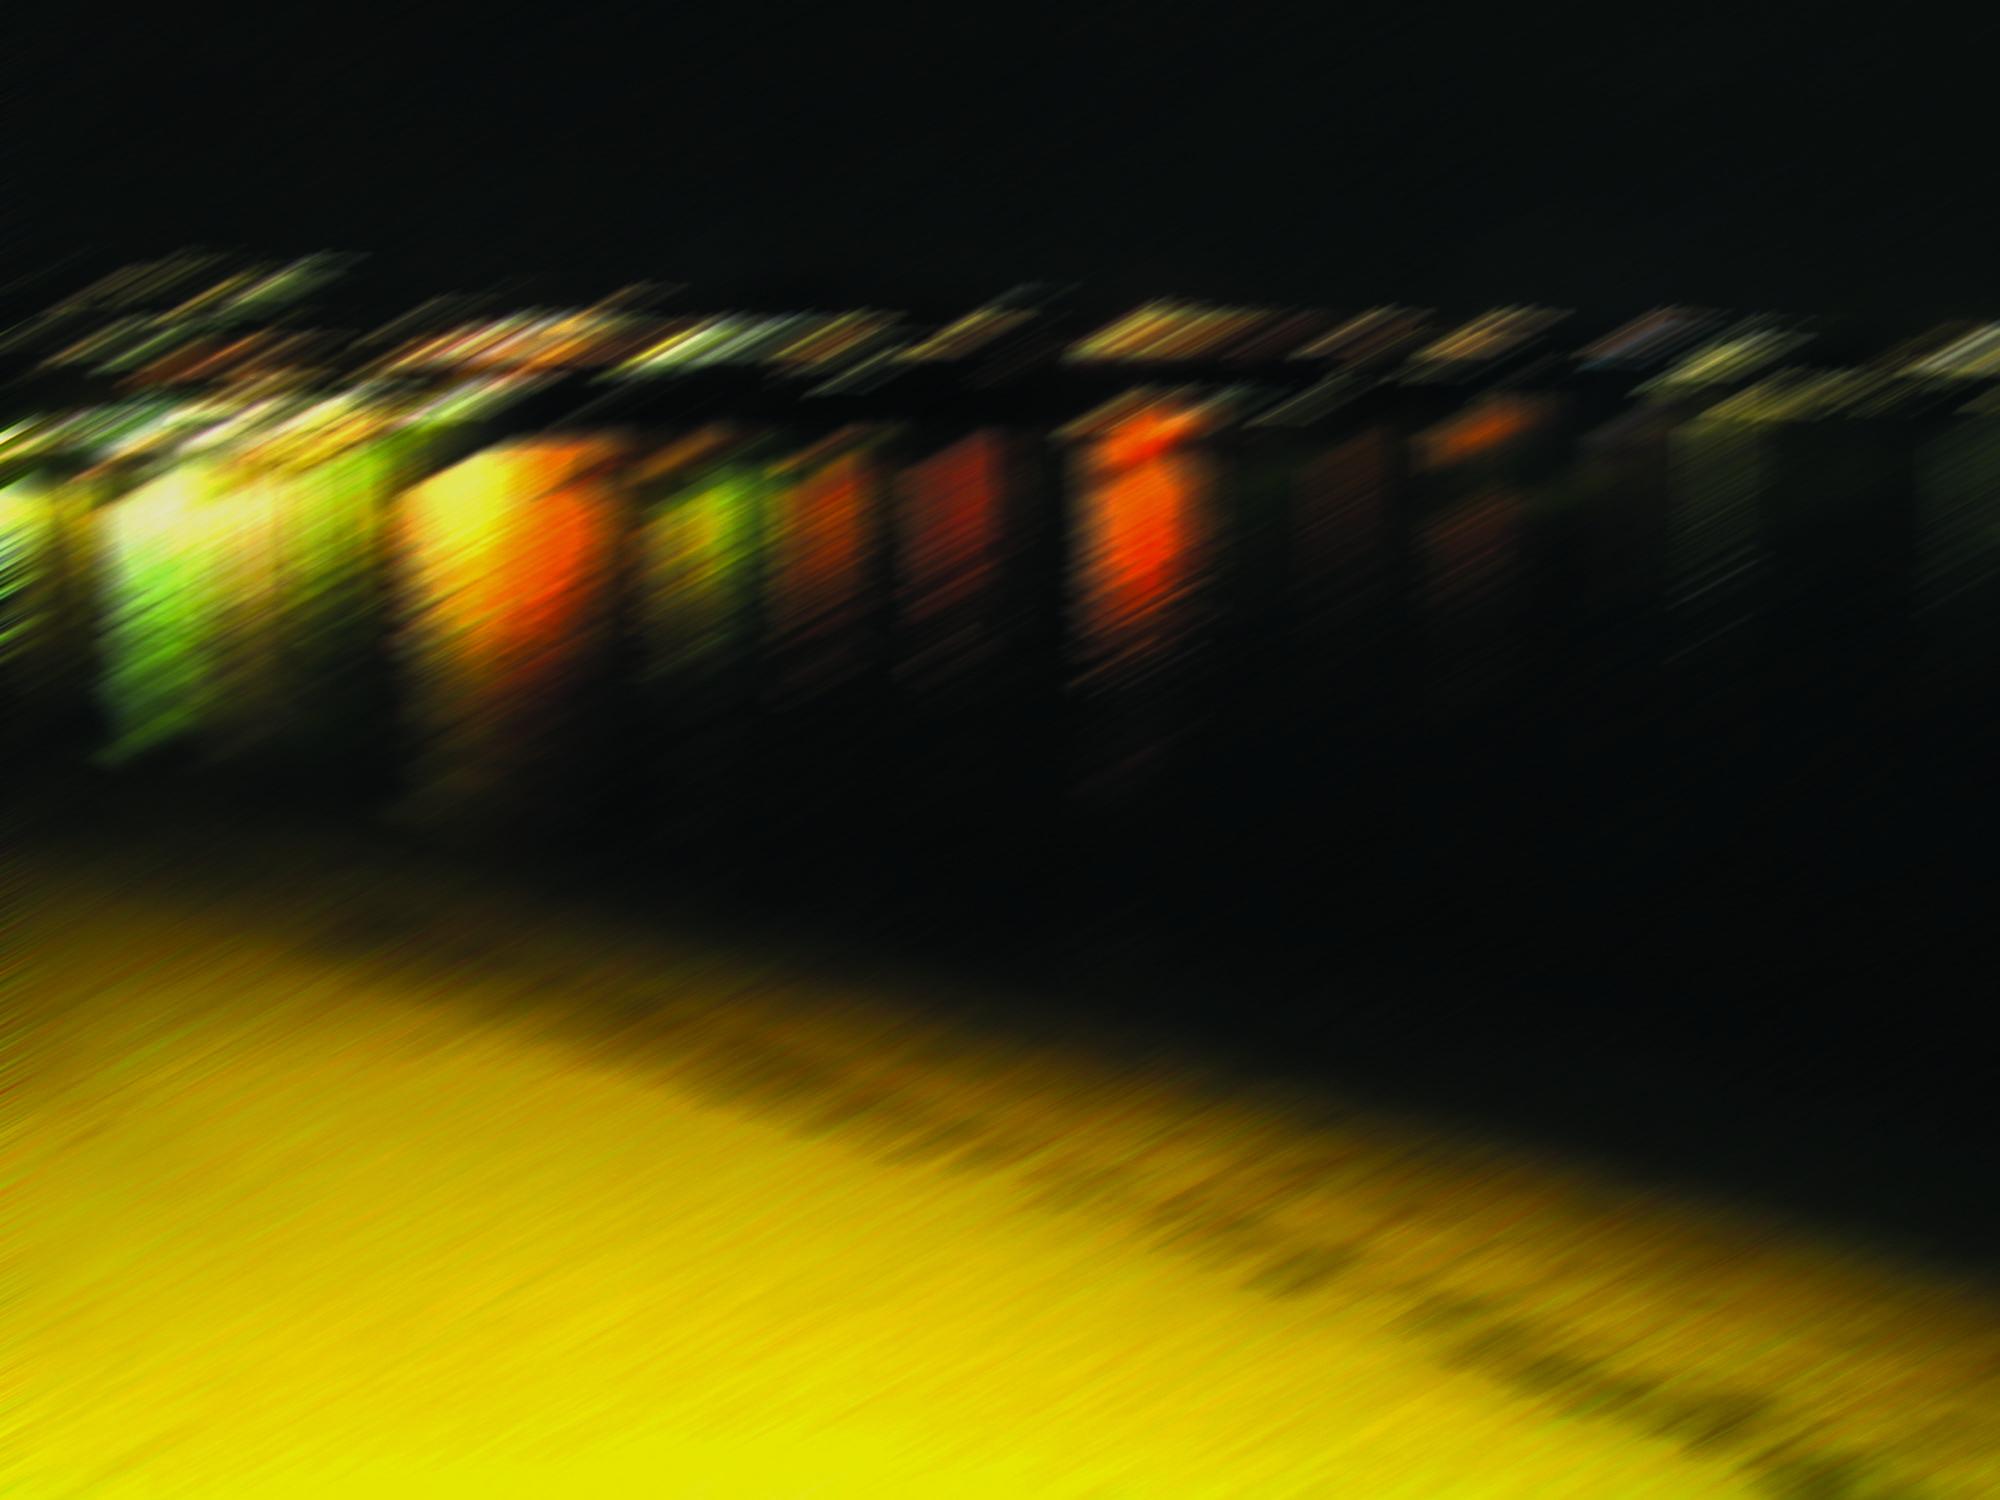 Bild mit Farben, Orange, Gelb, Natur, Elemente, Wasser, Grün, Himmel, Reflexion, Rot, Dunkelheit